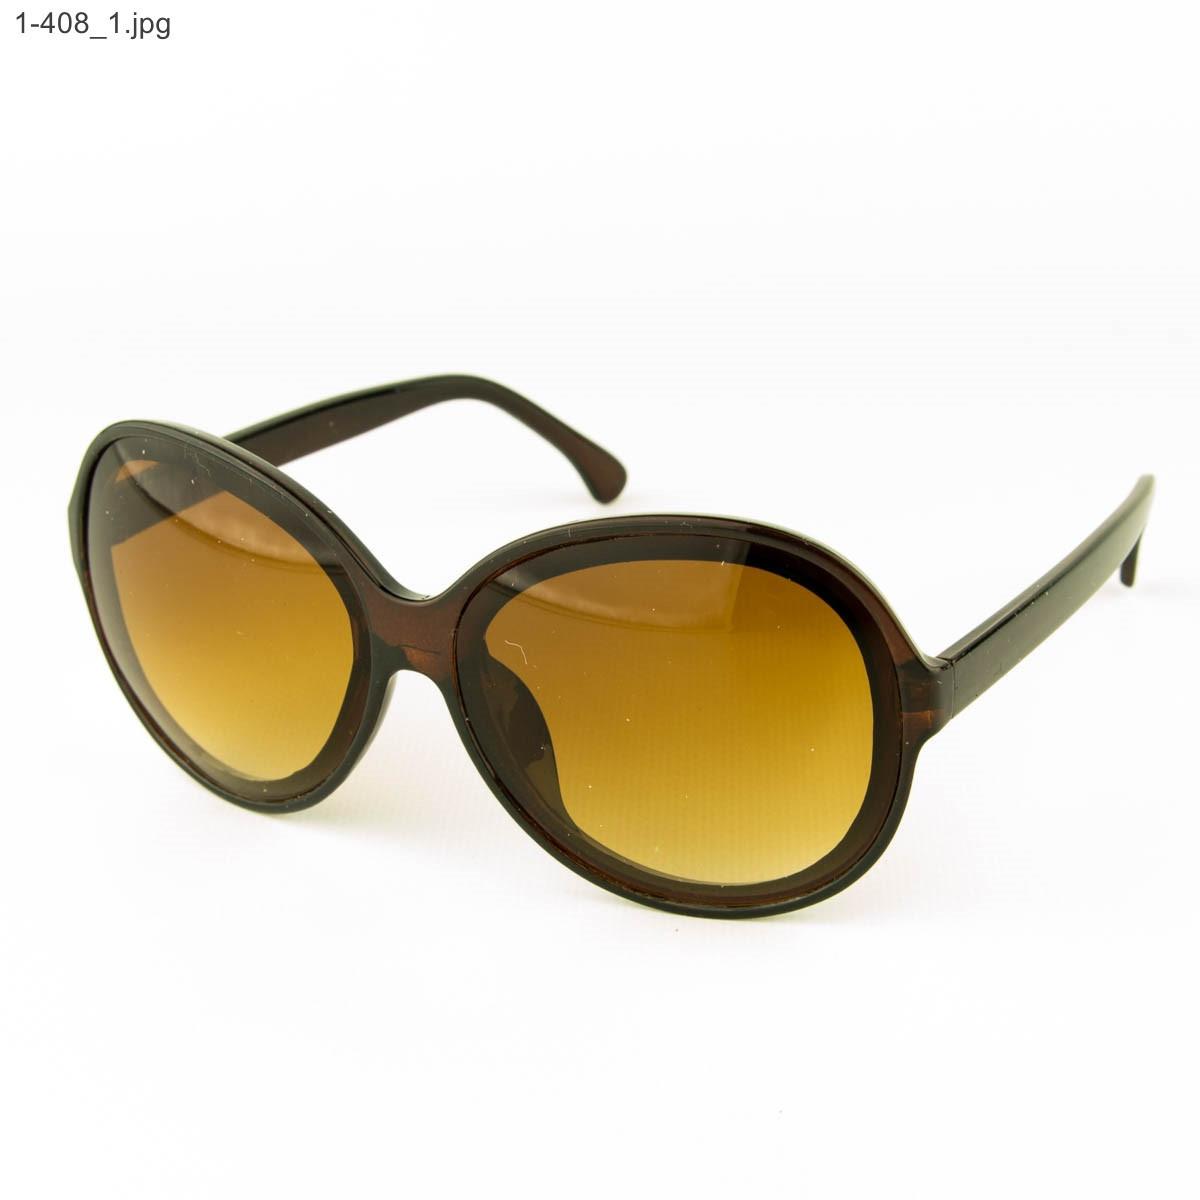 Оптом молодежные солнцезащитные очки - Коричневые- 1-408